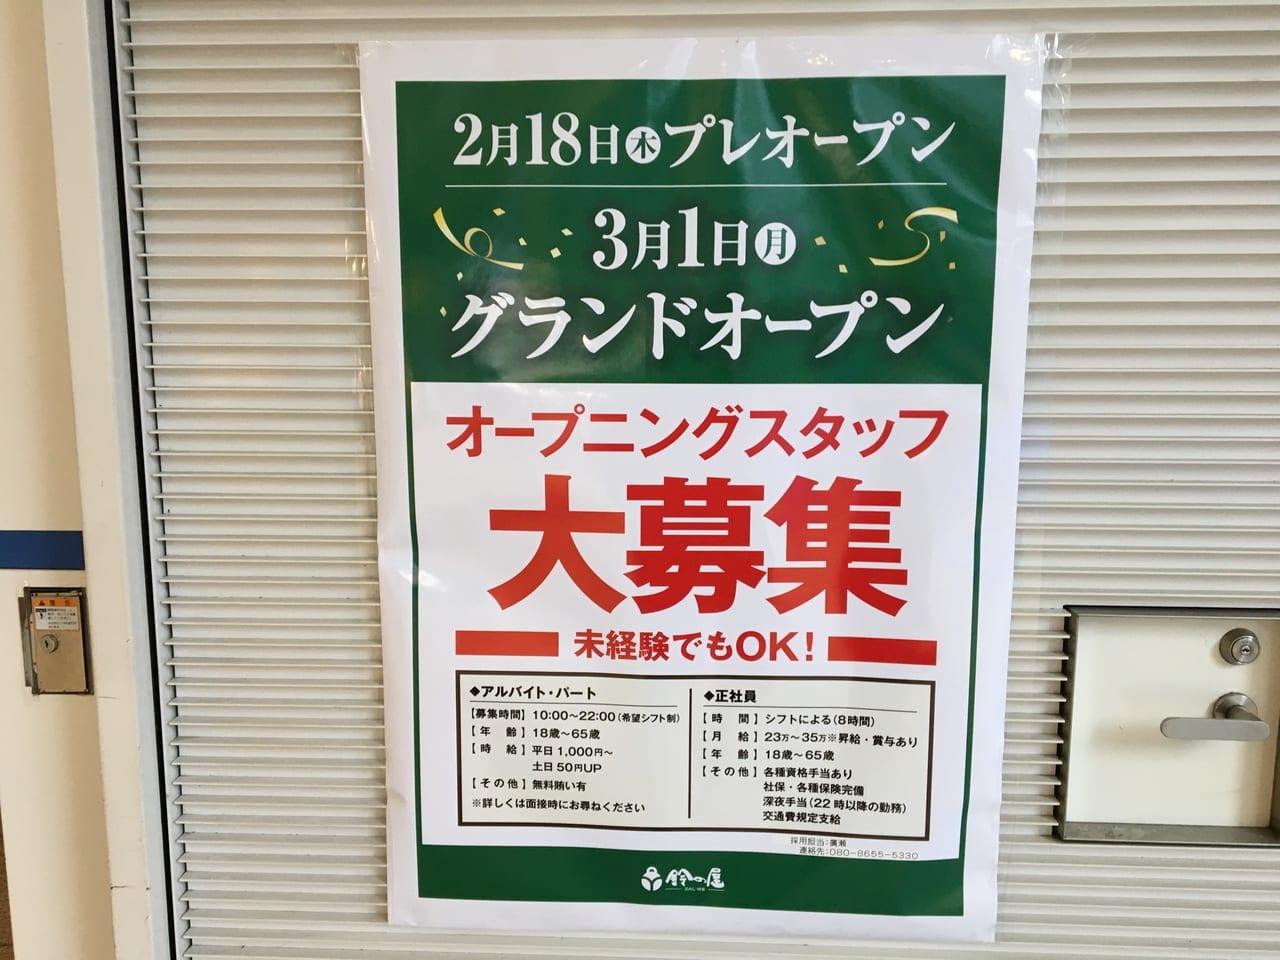 鈴の屋 名古屋オアシス21店